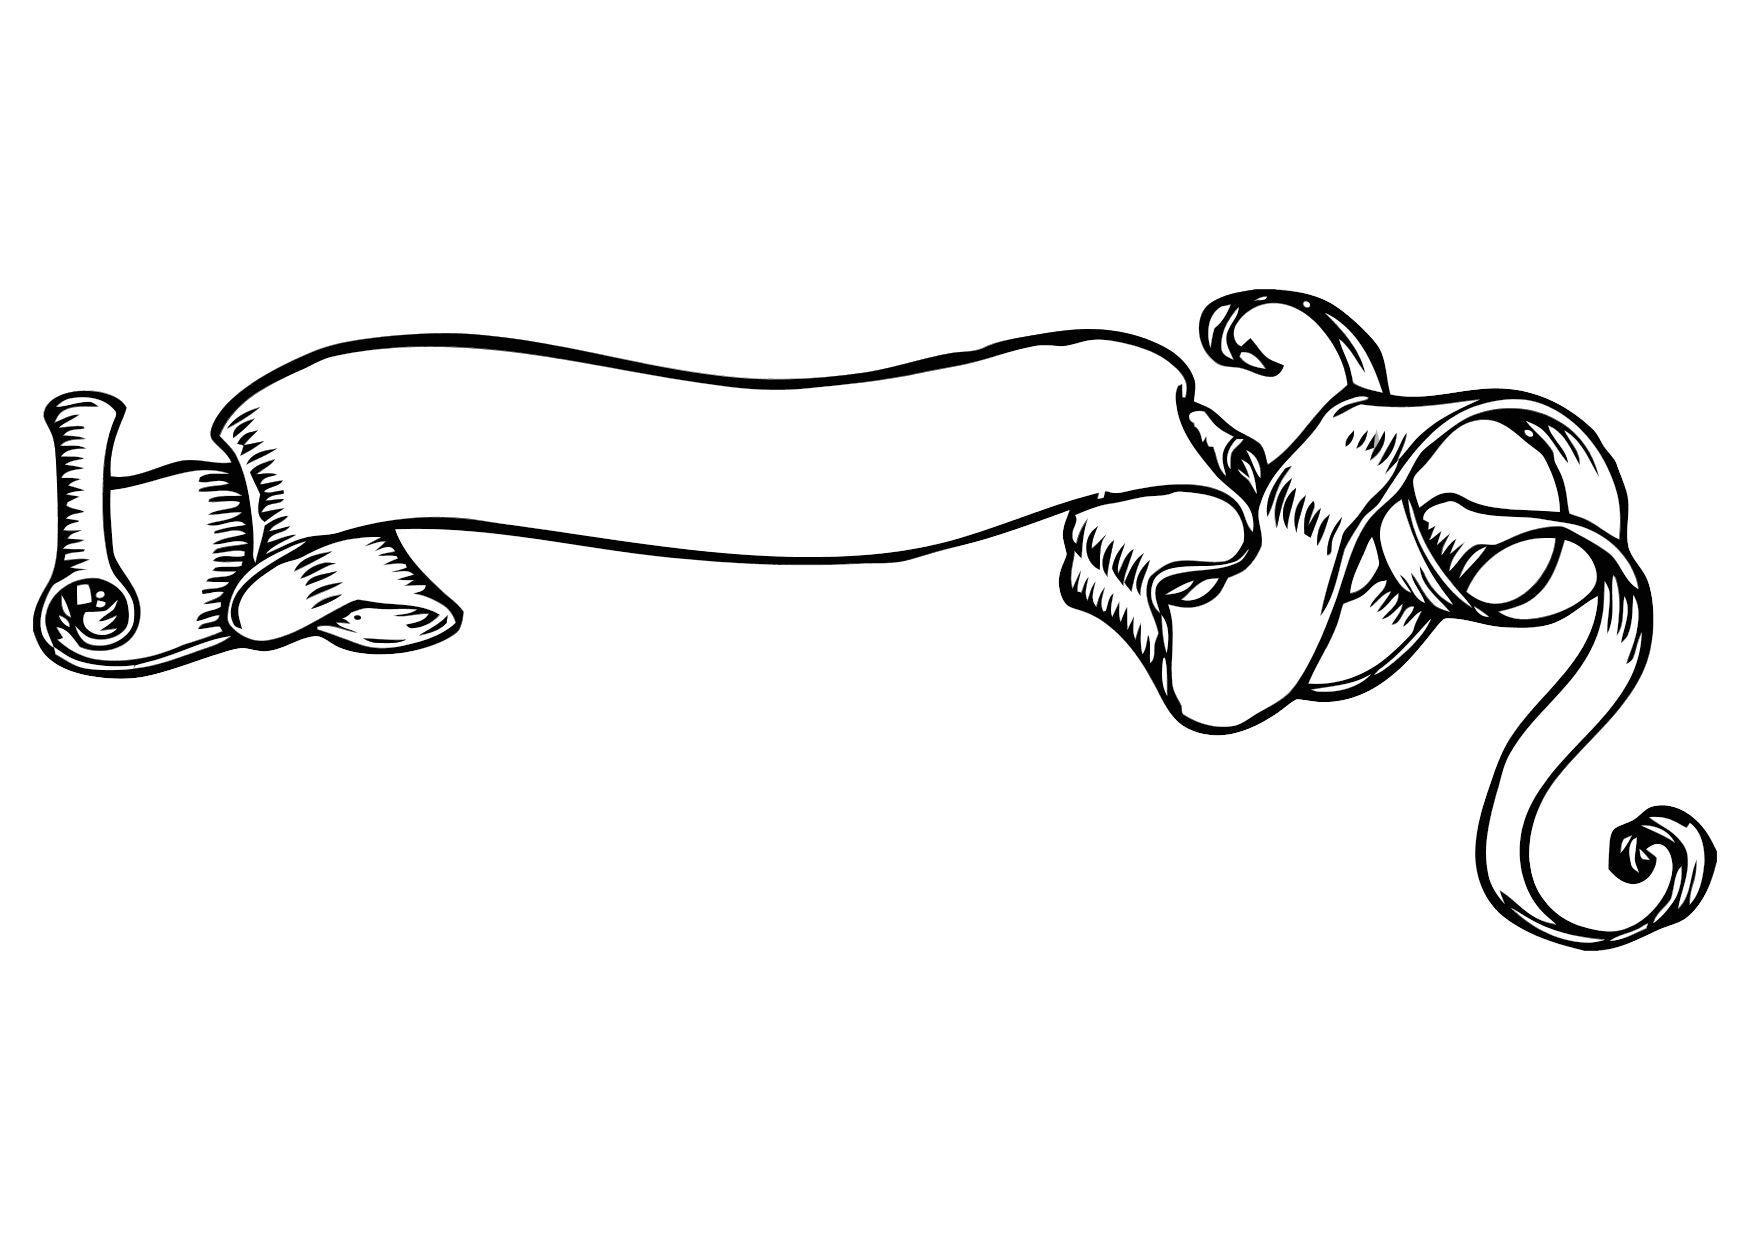 Malvorlage spruchband ausmalbild